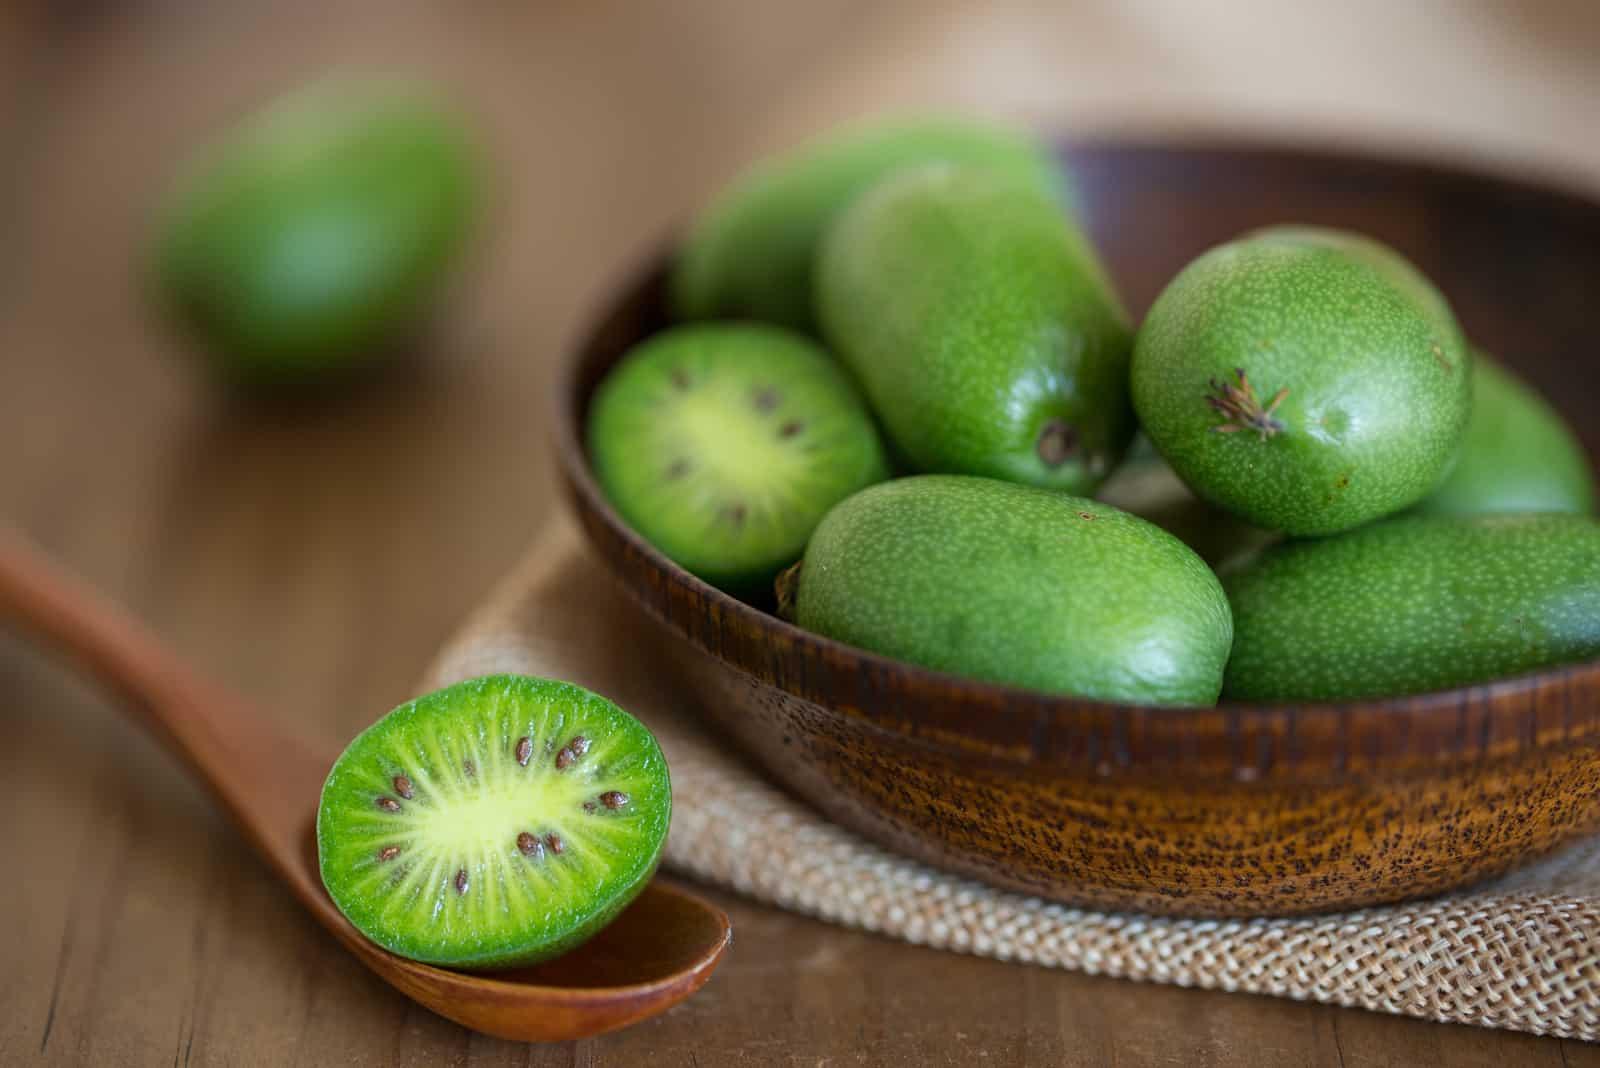 Kiwi-Beeren auf dem Tisch